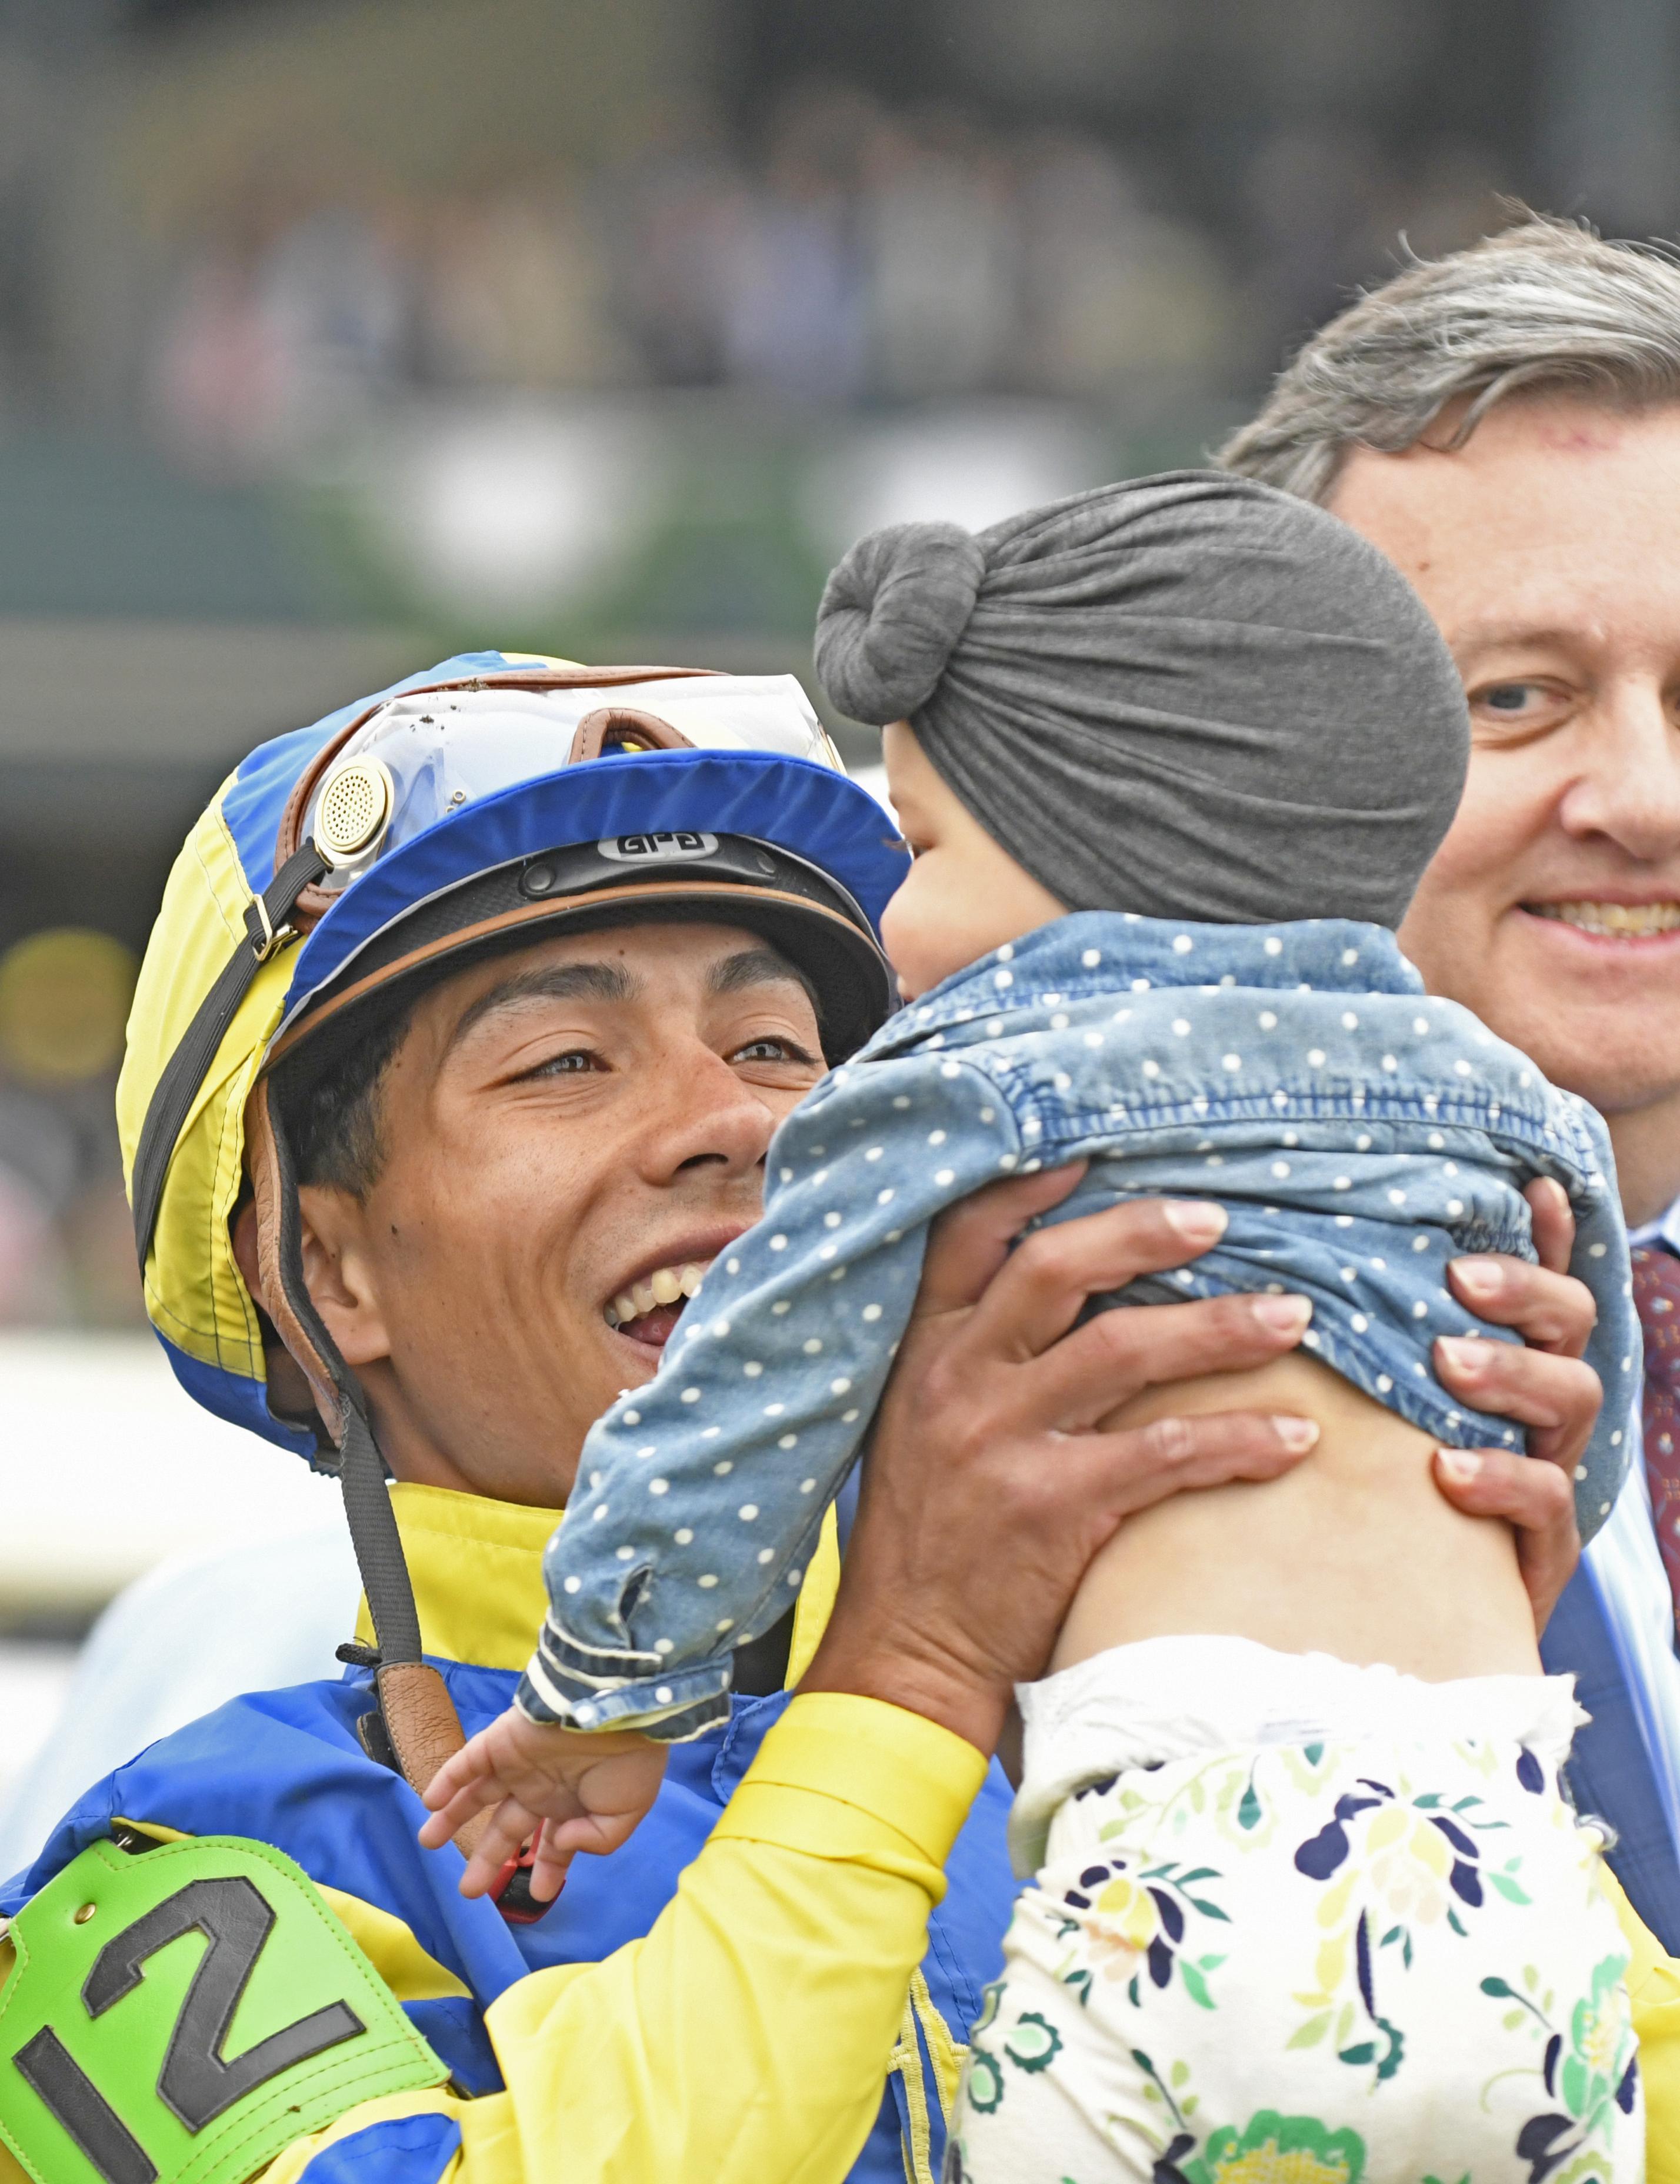 Ortiz and his daughter Leilani